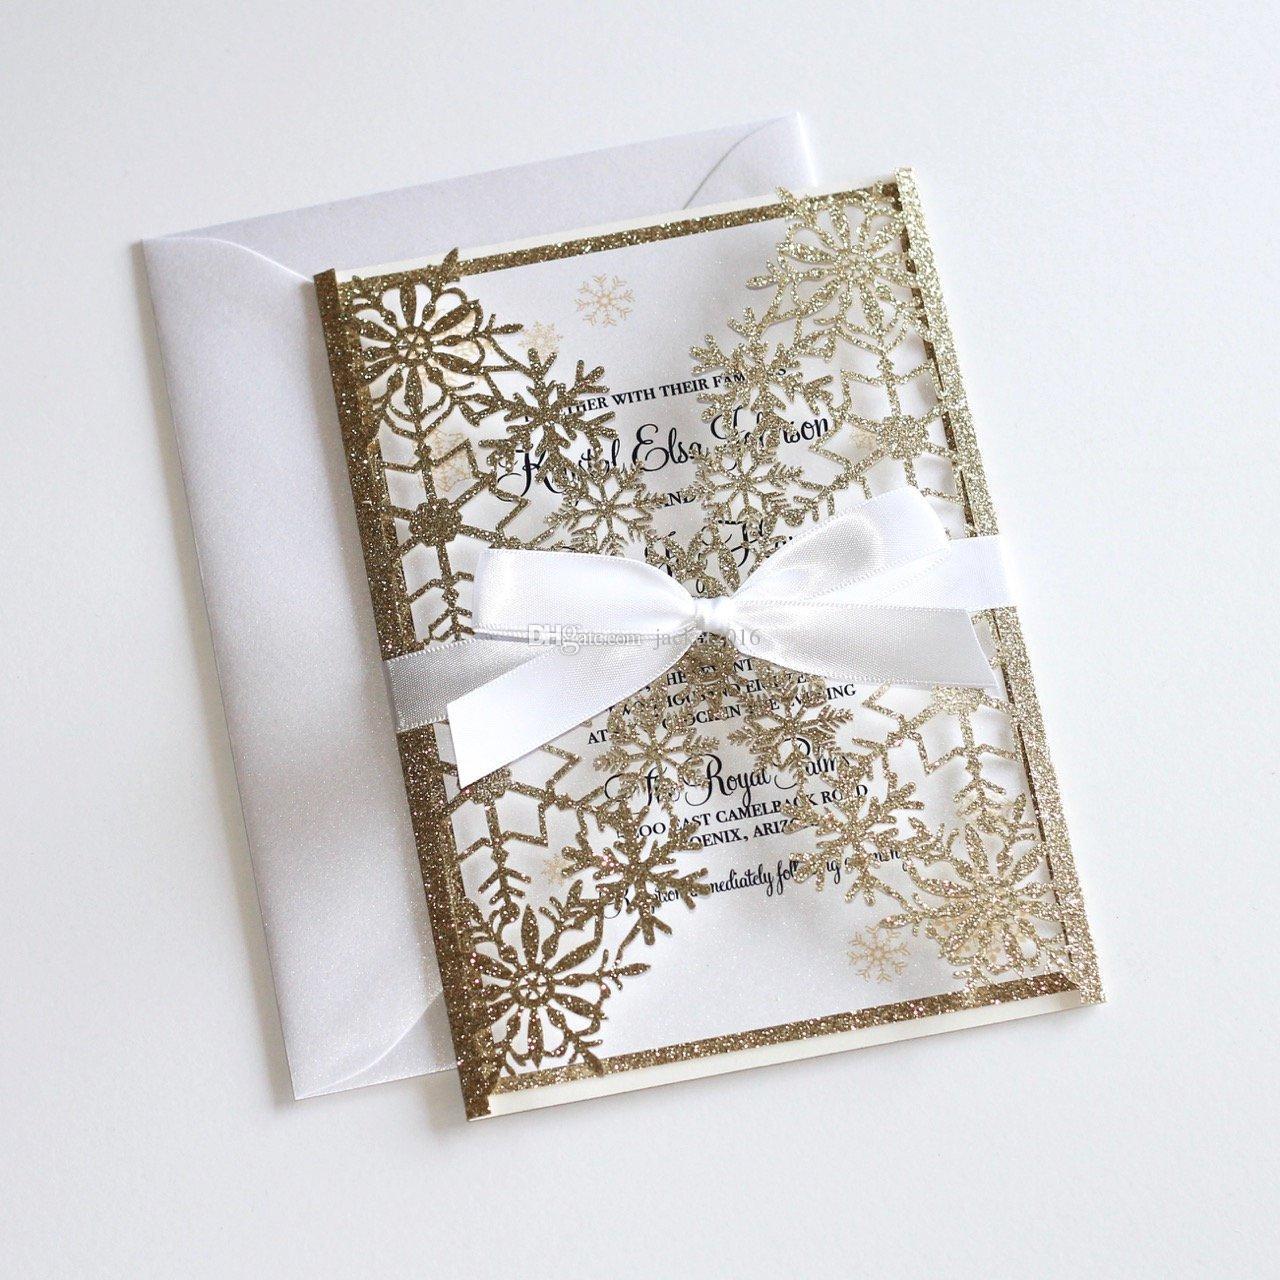 Invitación de boda del brillo del invierno, invitación del corte del láser de copo de nieve, la elegante boda invita la invitaciones de boda glittery oro con lazo